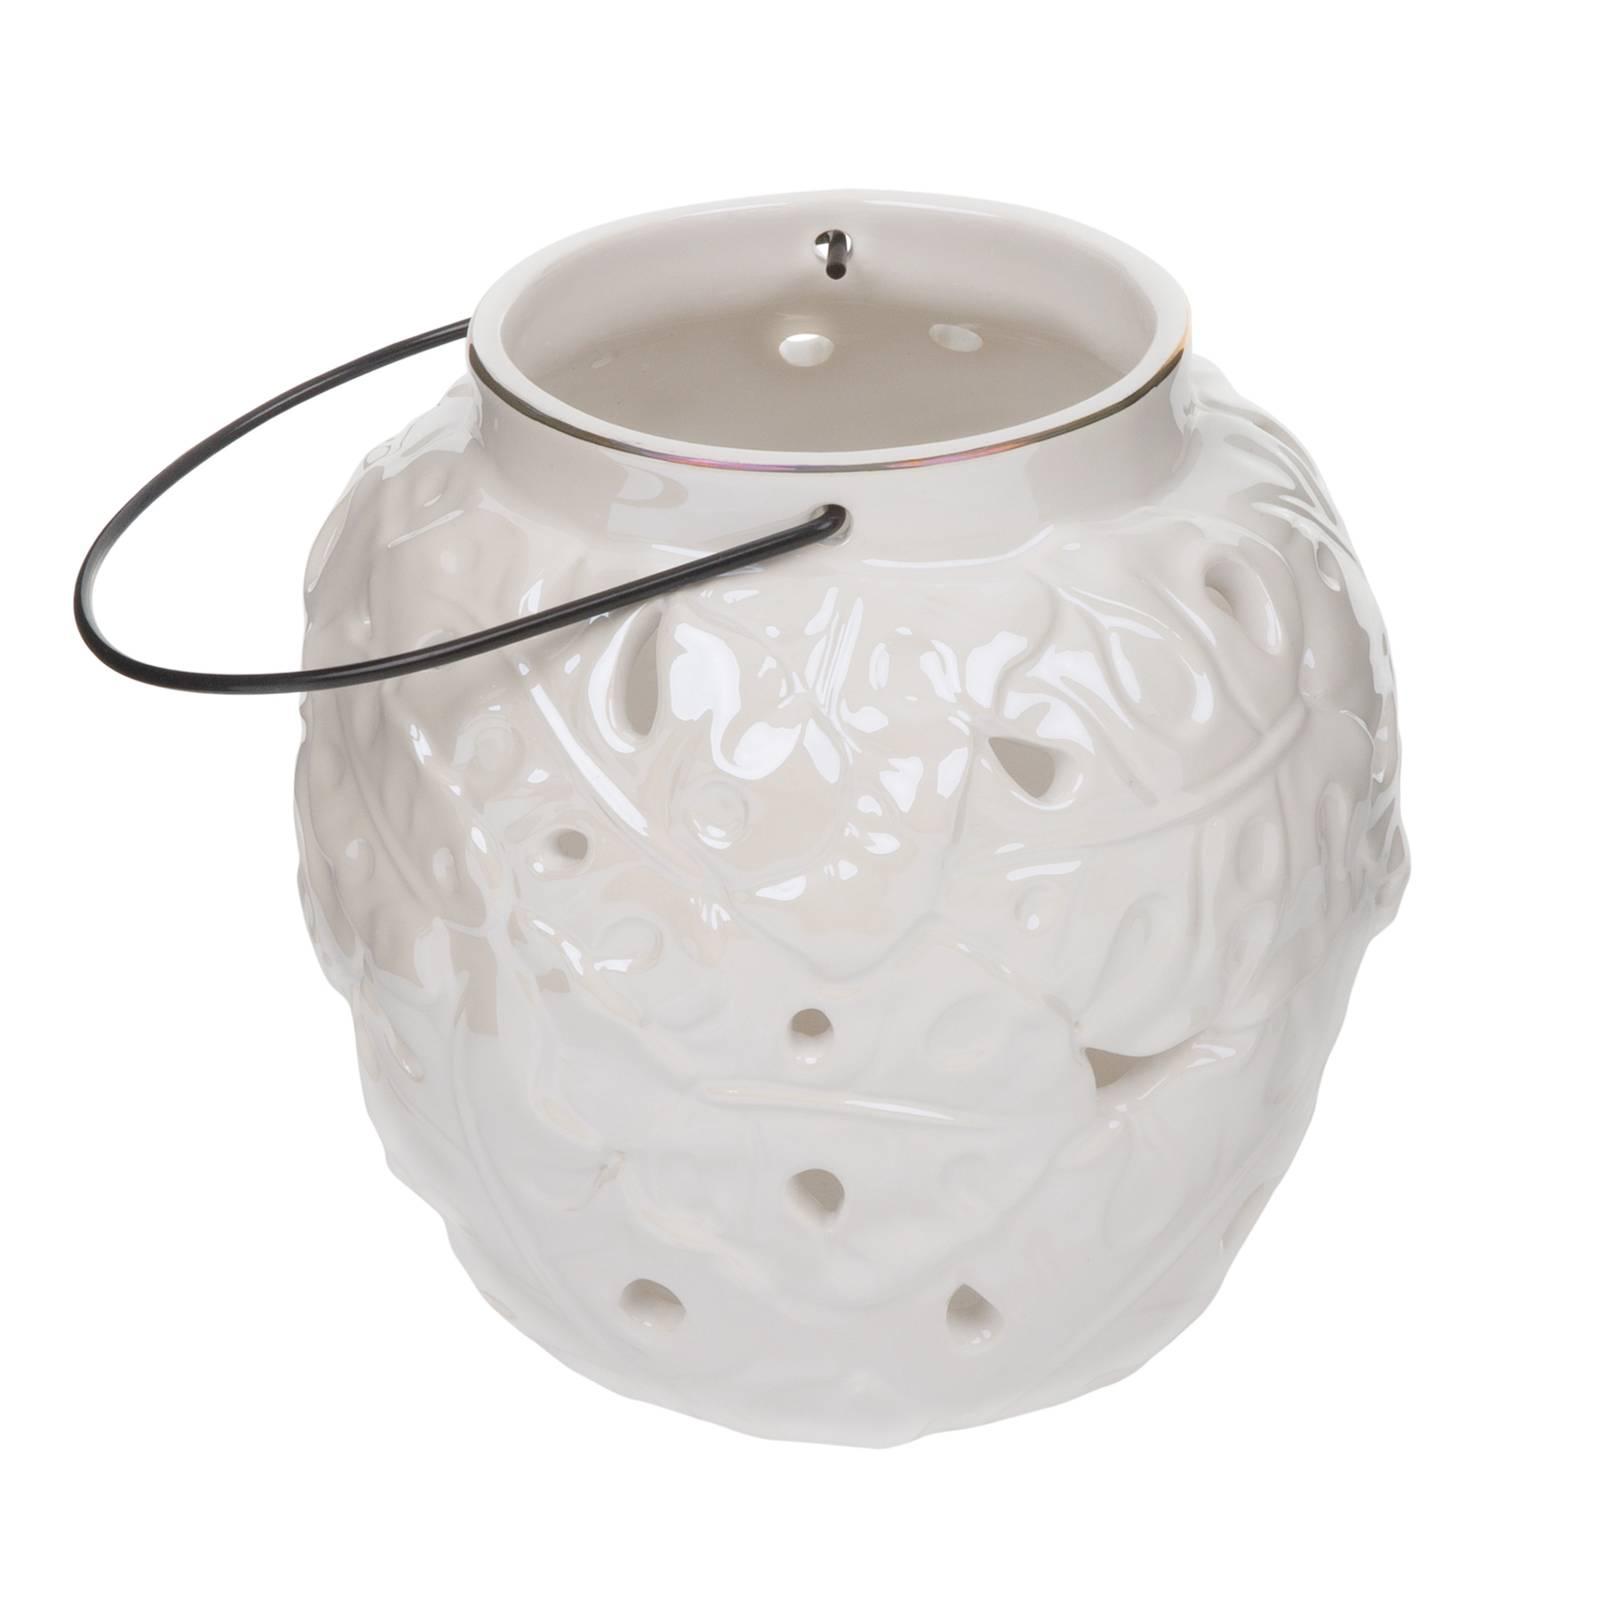 Lampion ceramiczny Tropic 15,5 x 15,5 x 15,3 cm biały MY HOME